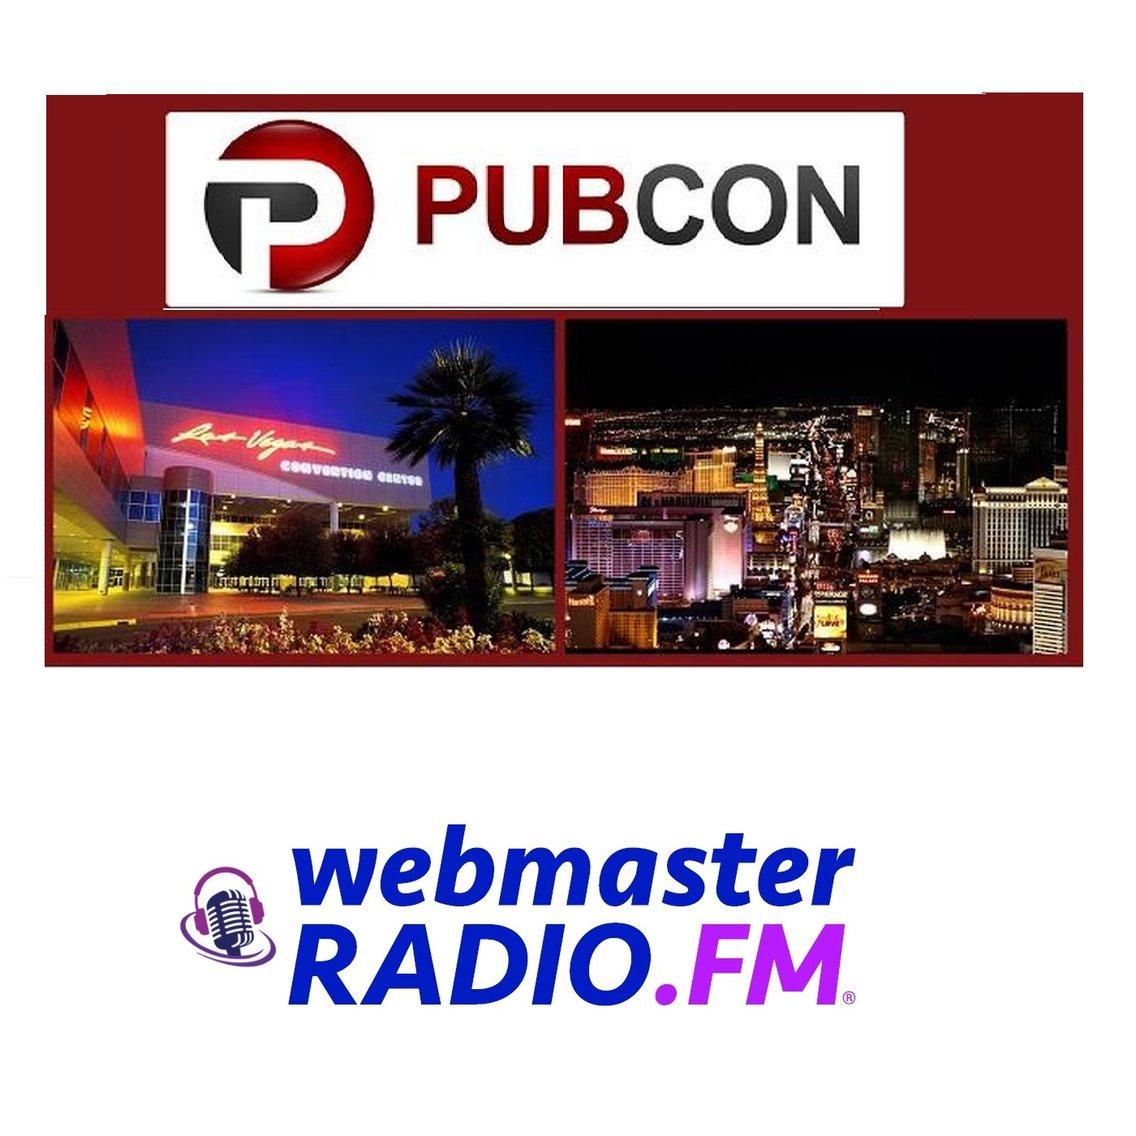 PubCon Conference - imagen de portada